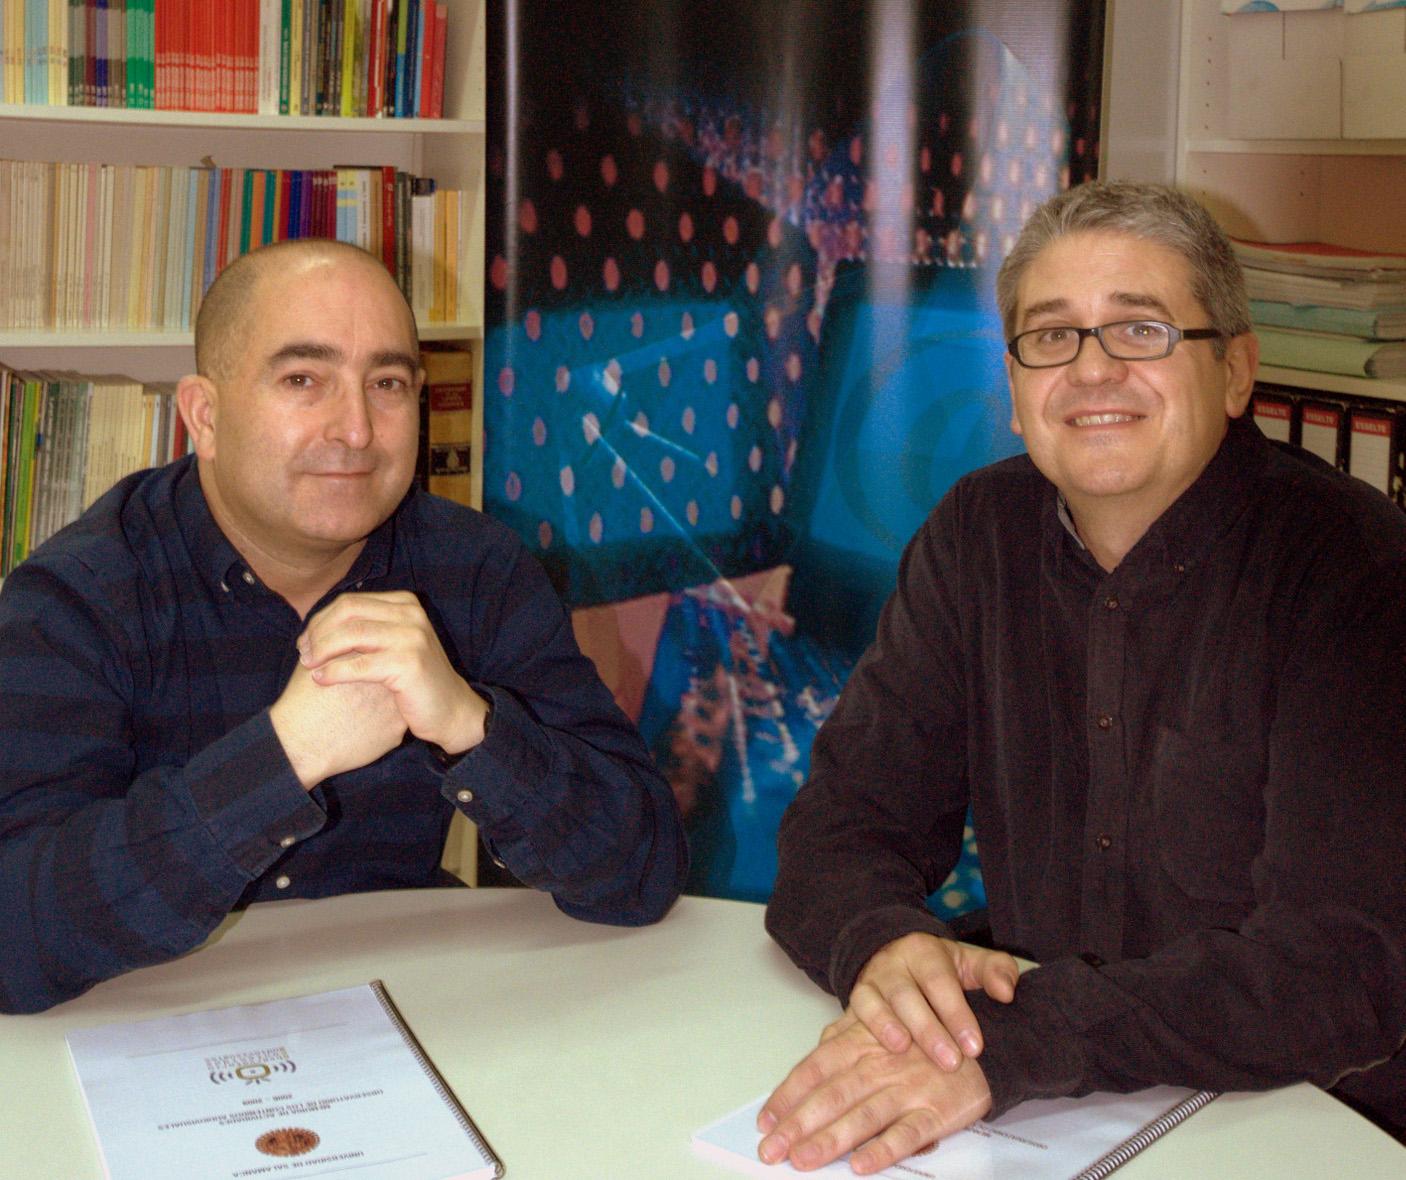 La Universidad de Comillas premia una investigación del Observatorio de los Contenidos Audiovisuales